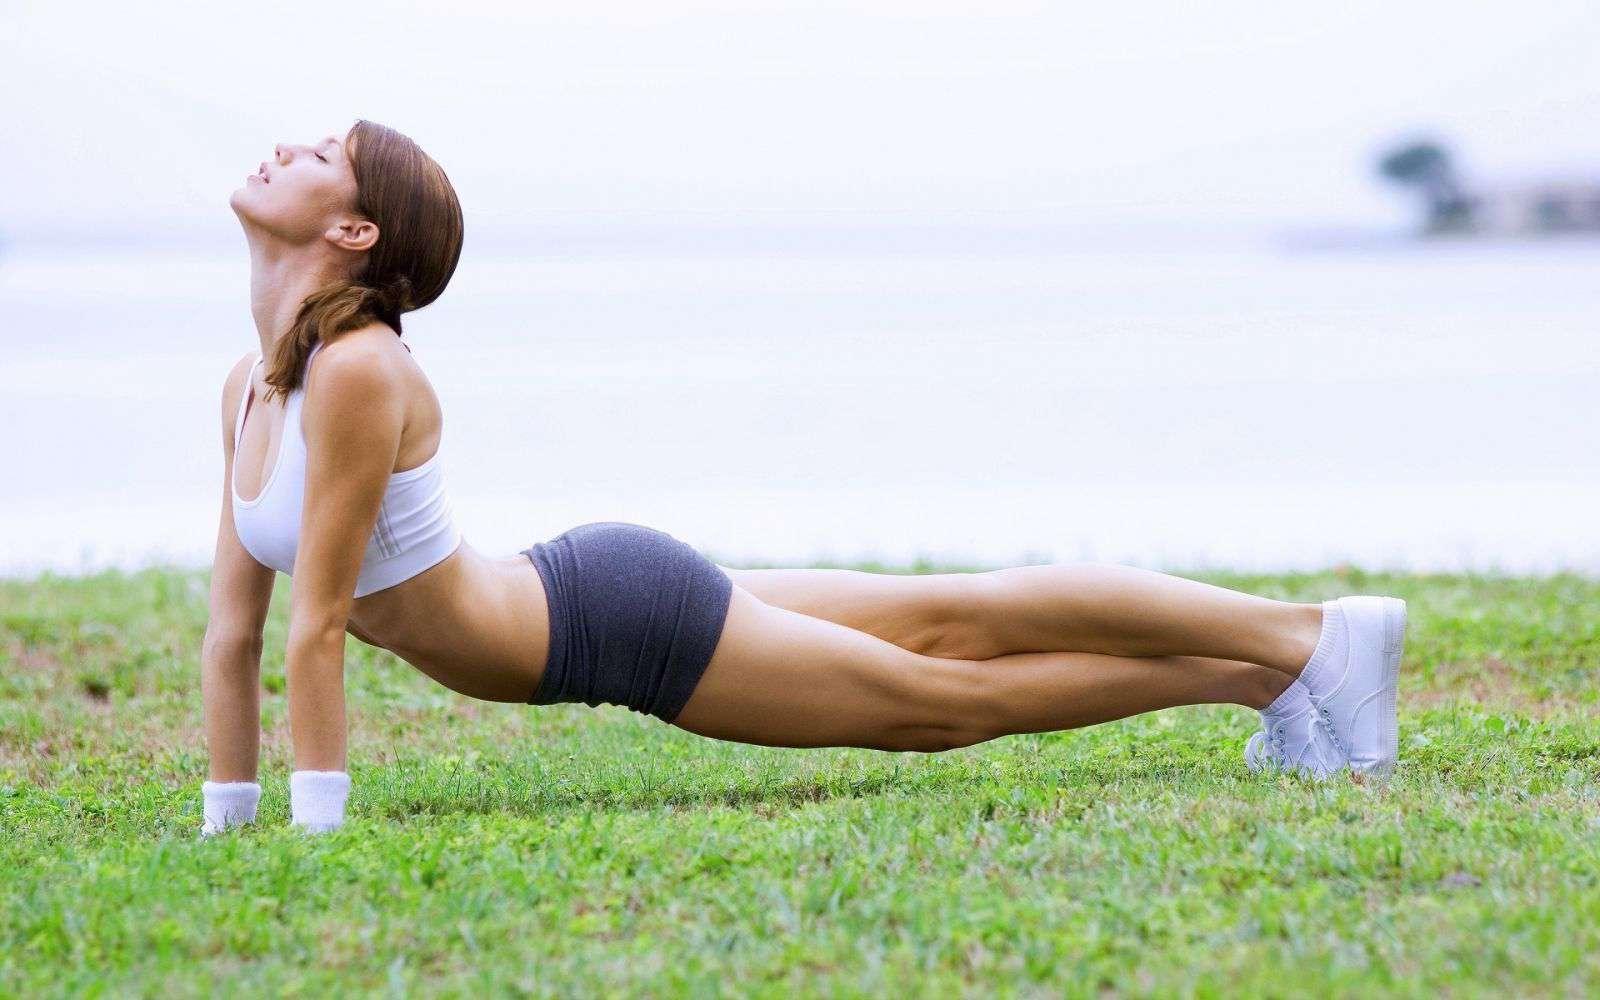 Летний Спорт Для Похудения. Каким спортом заняться, чтобы похудеть: выбор тренировки для быстрого результата